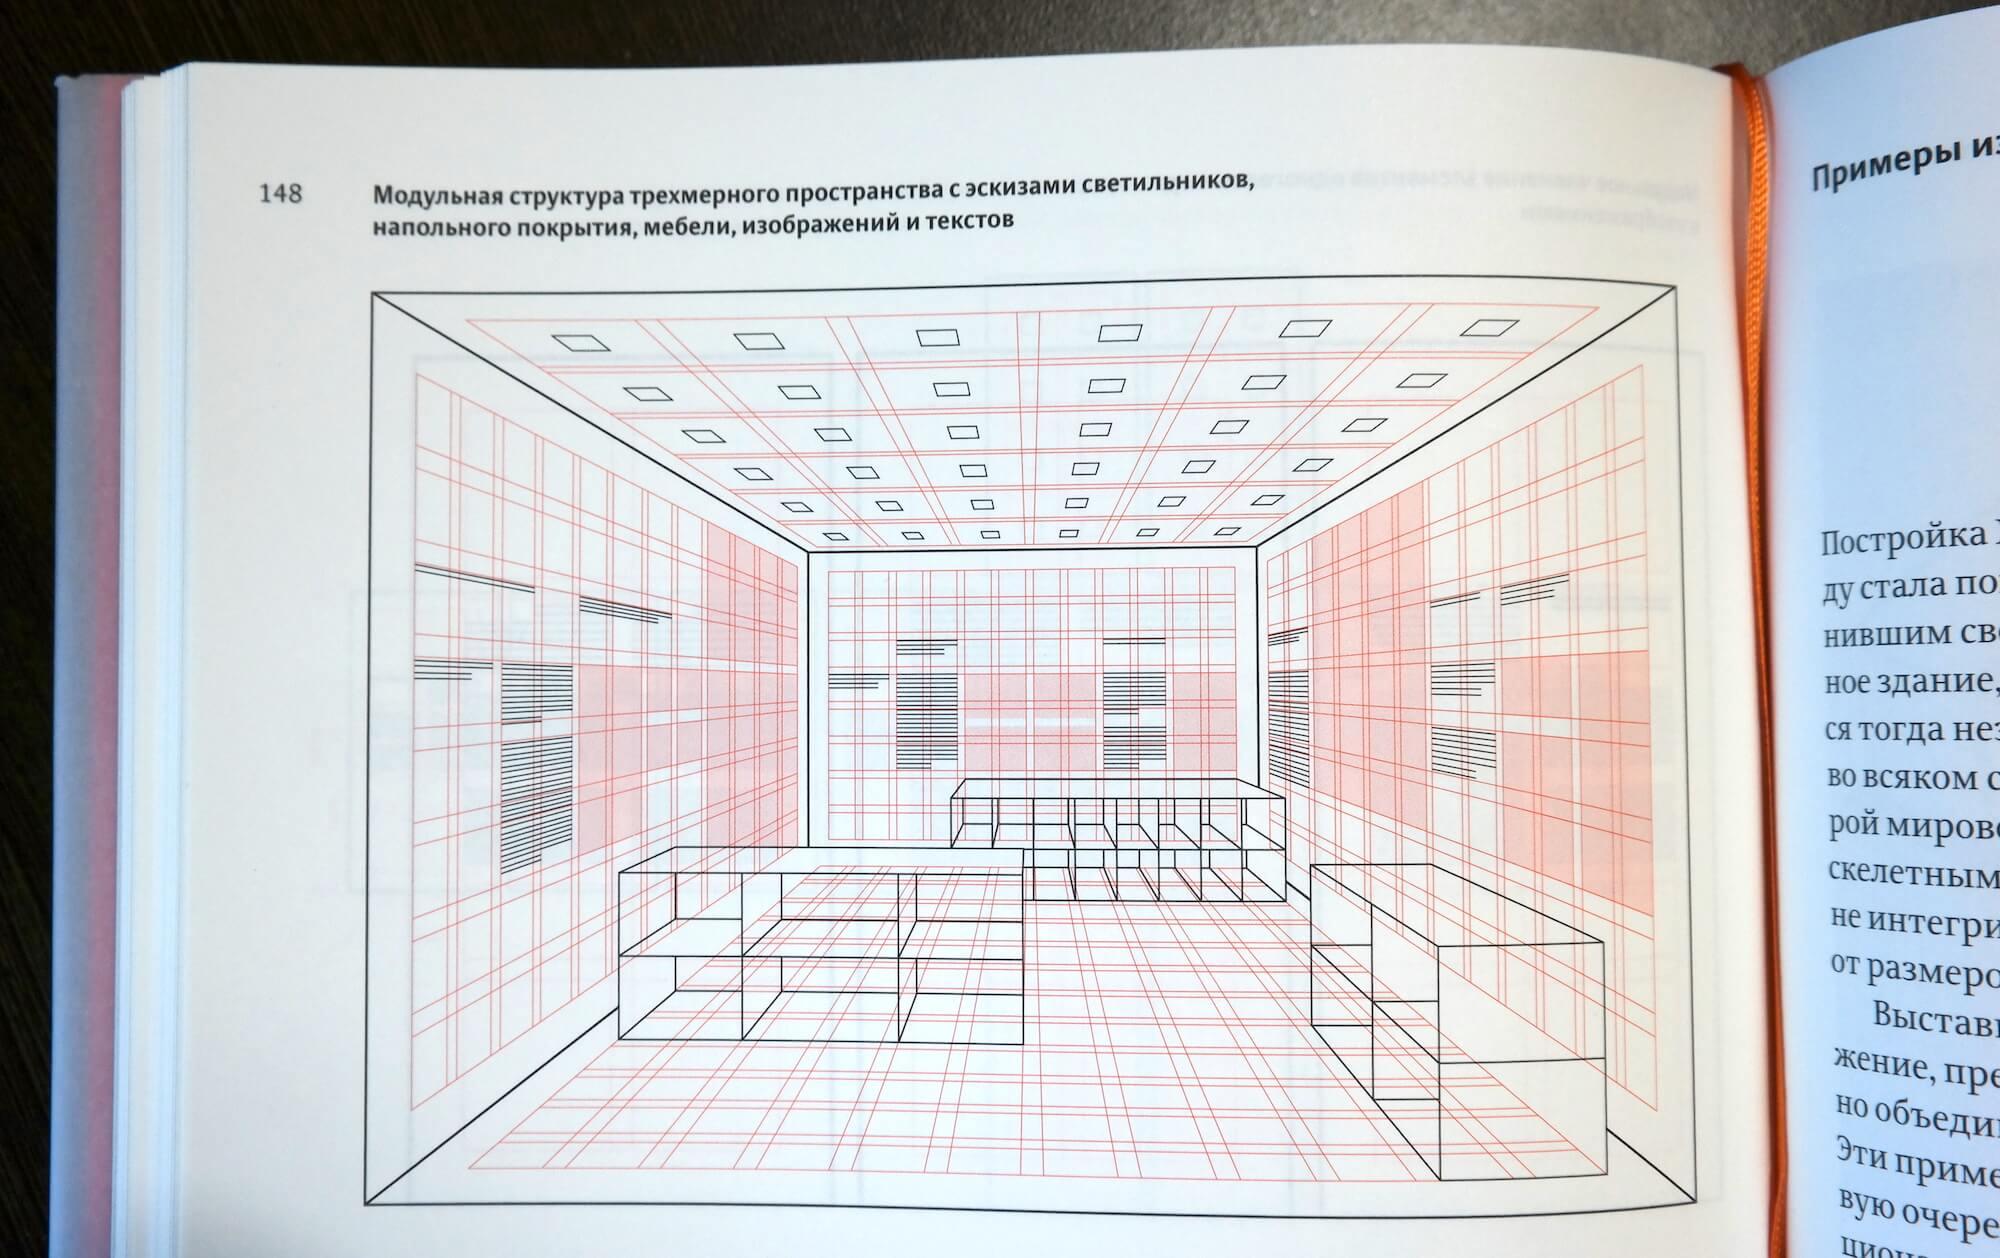 Модульная структура трёхмерного пространства